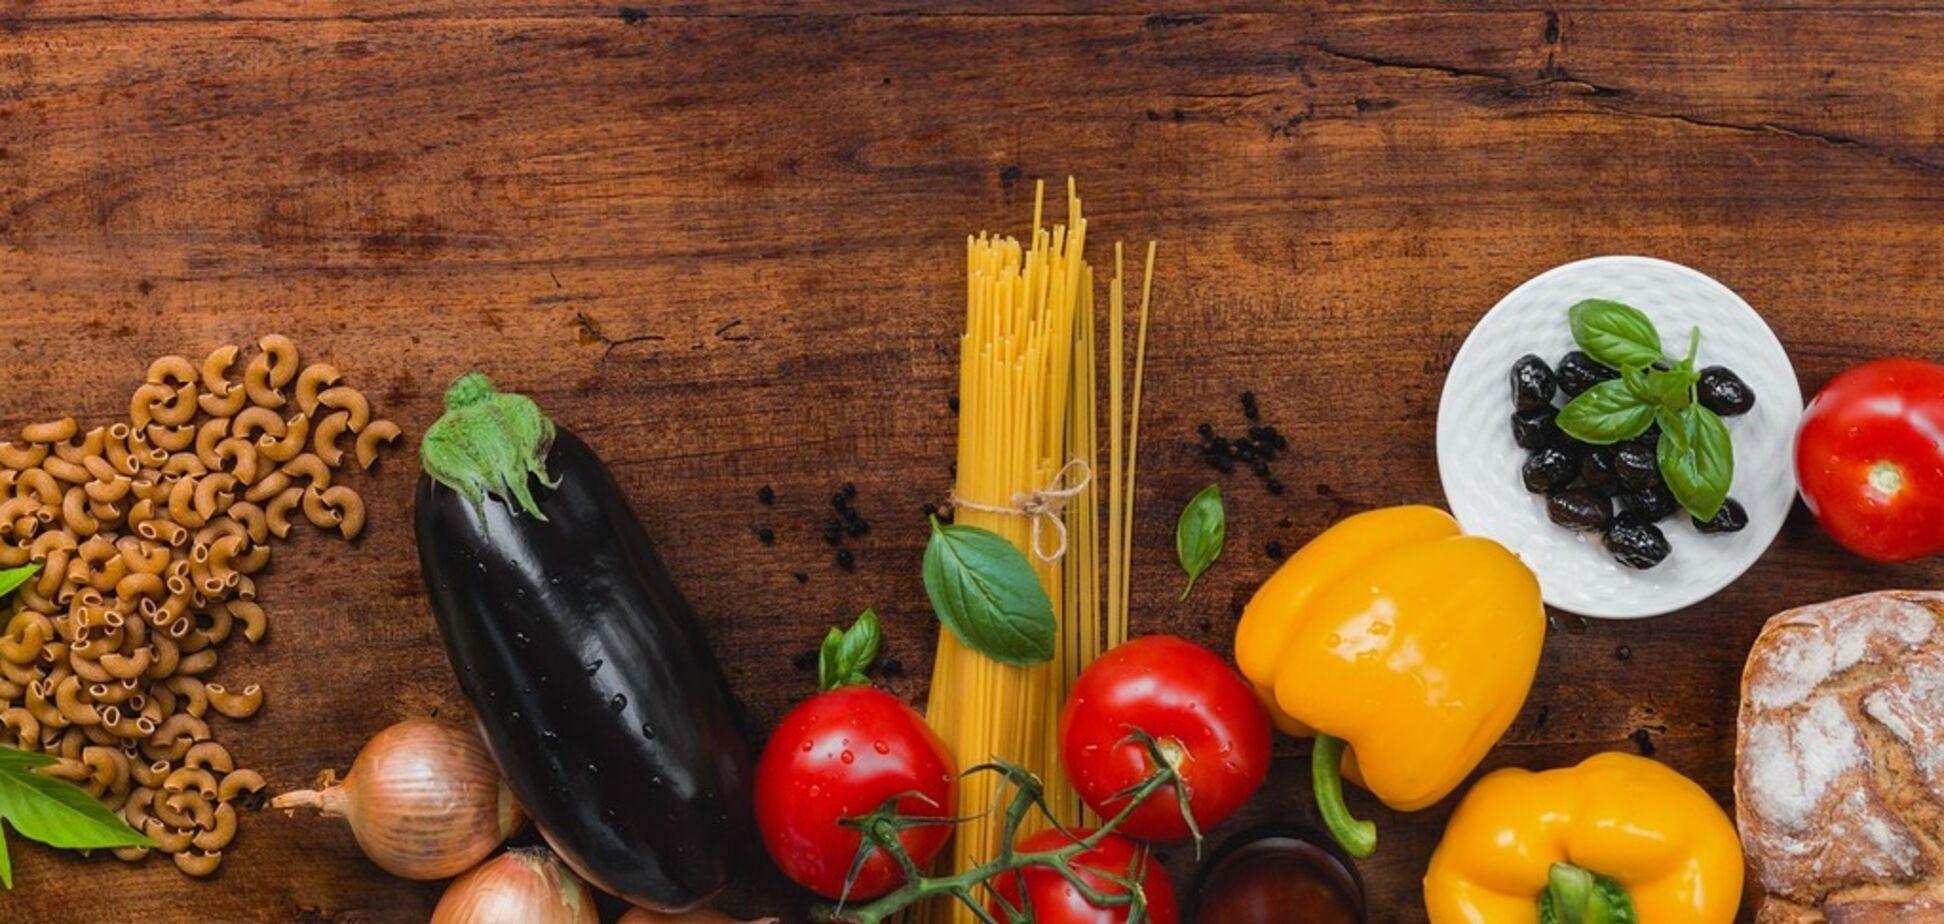 Женщина нашла способ кормить семью потрясающими блюдами за копейки